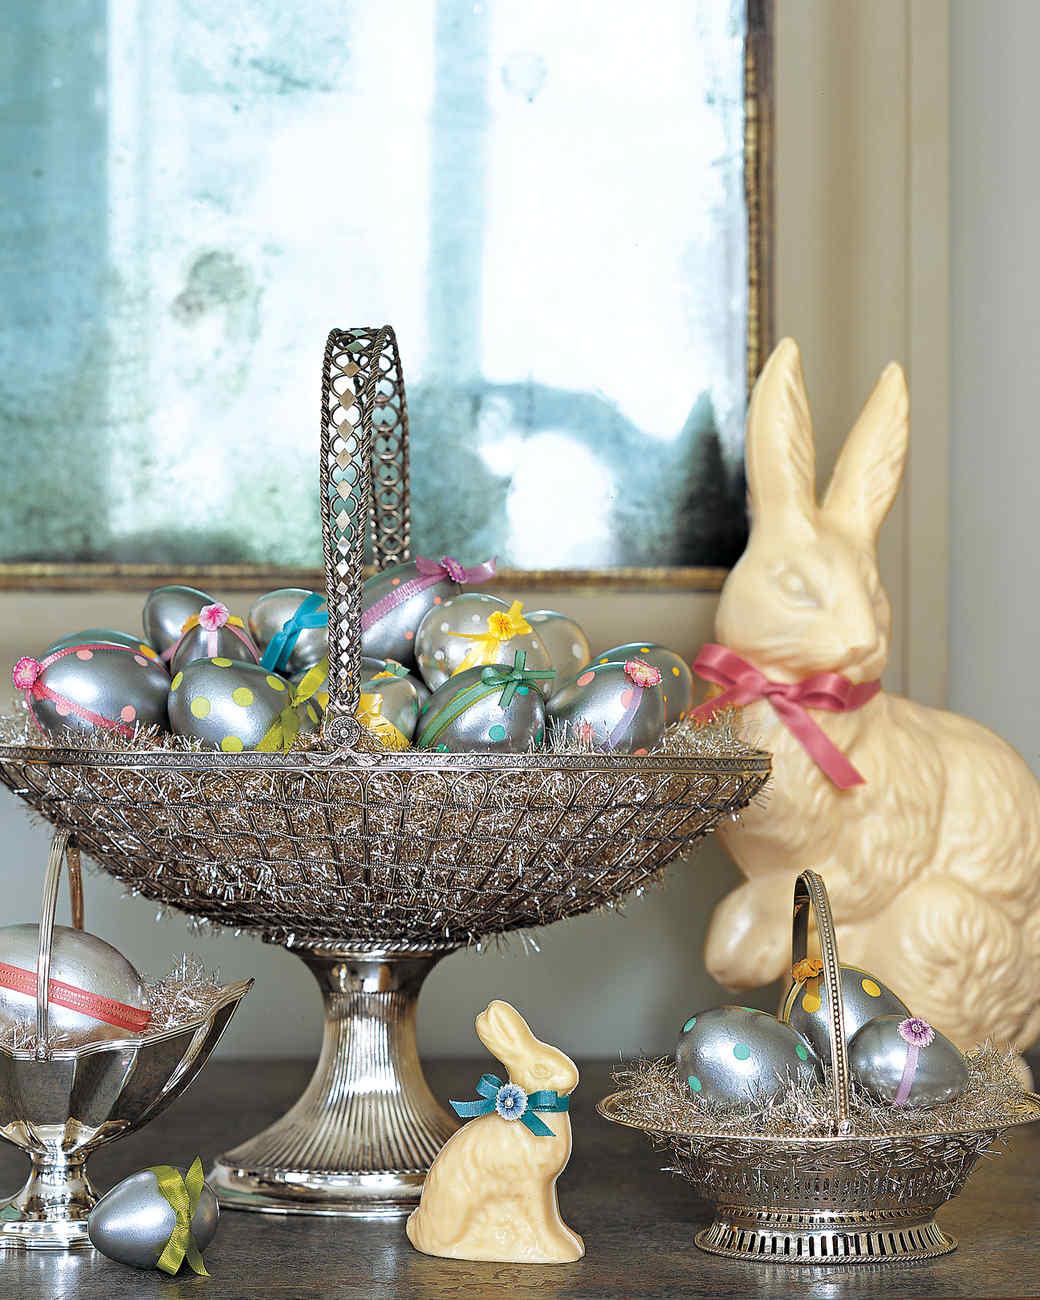 silver-baskets-mmla101446.jpg